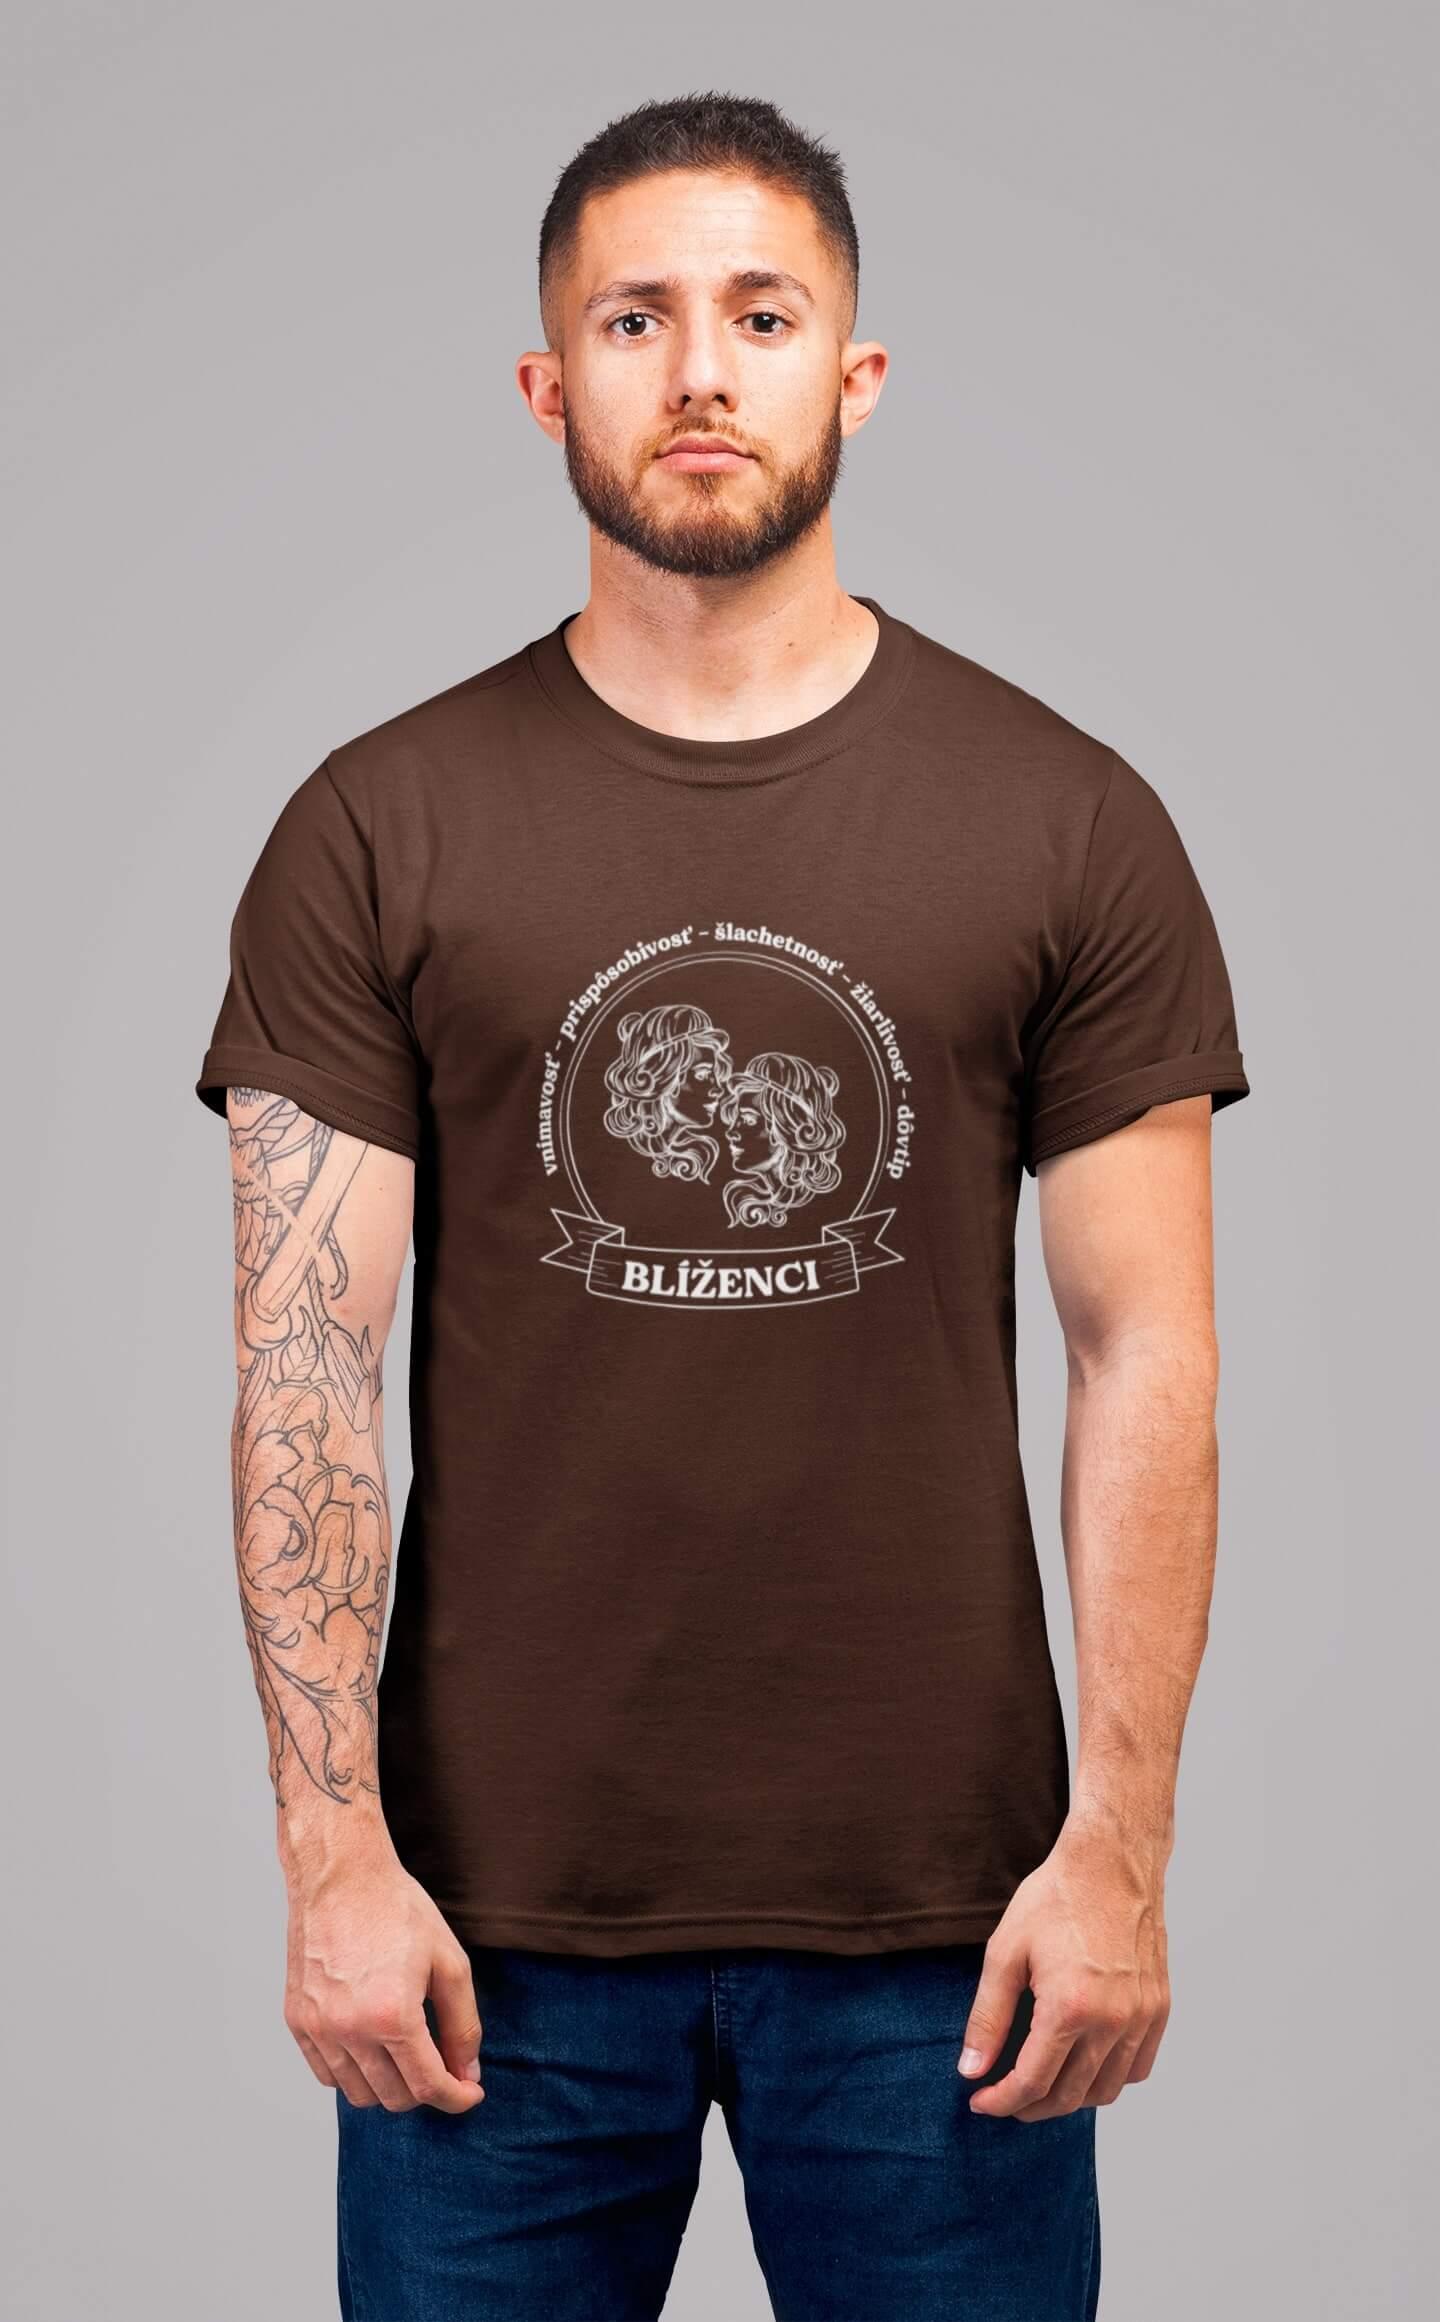 MMO Pánske tričko Blíženci Vyberte farbu: Čokoládová, Vyberte veľkosť: XL